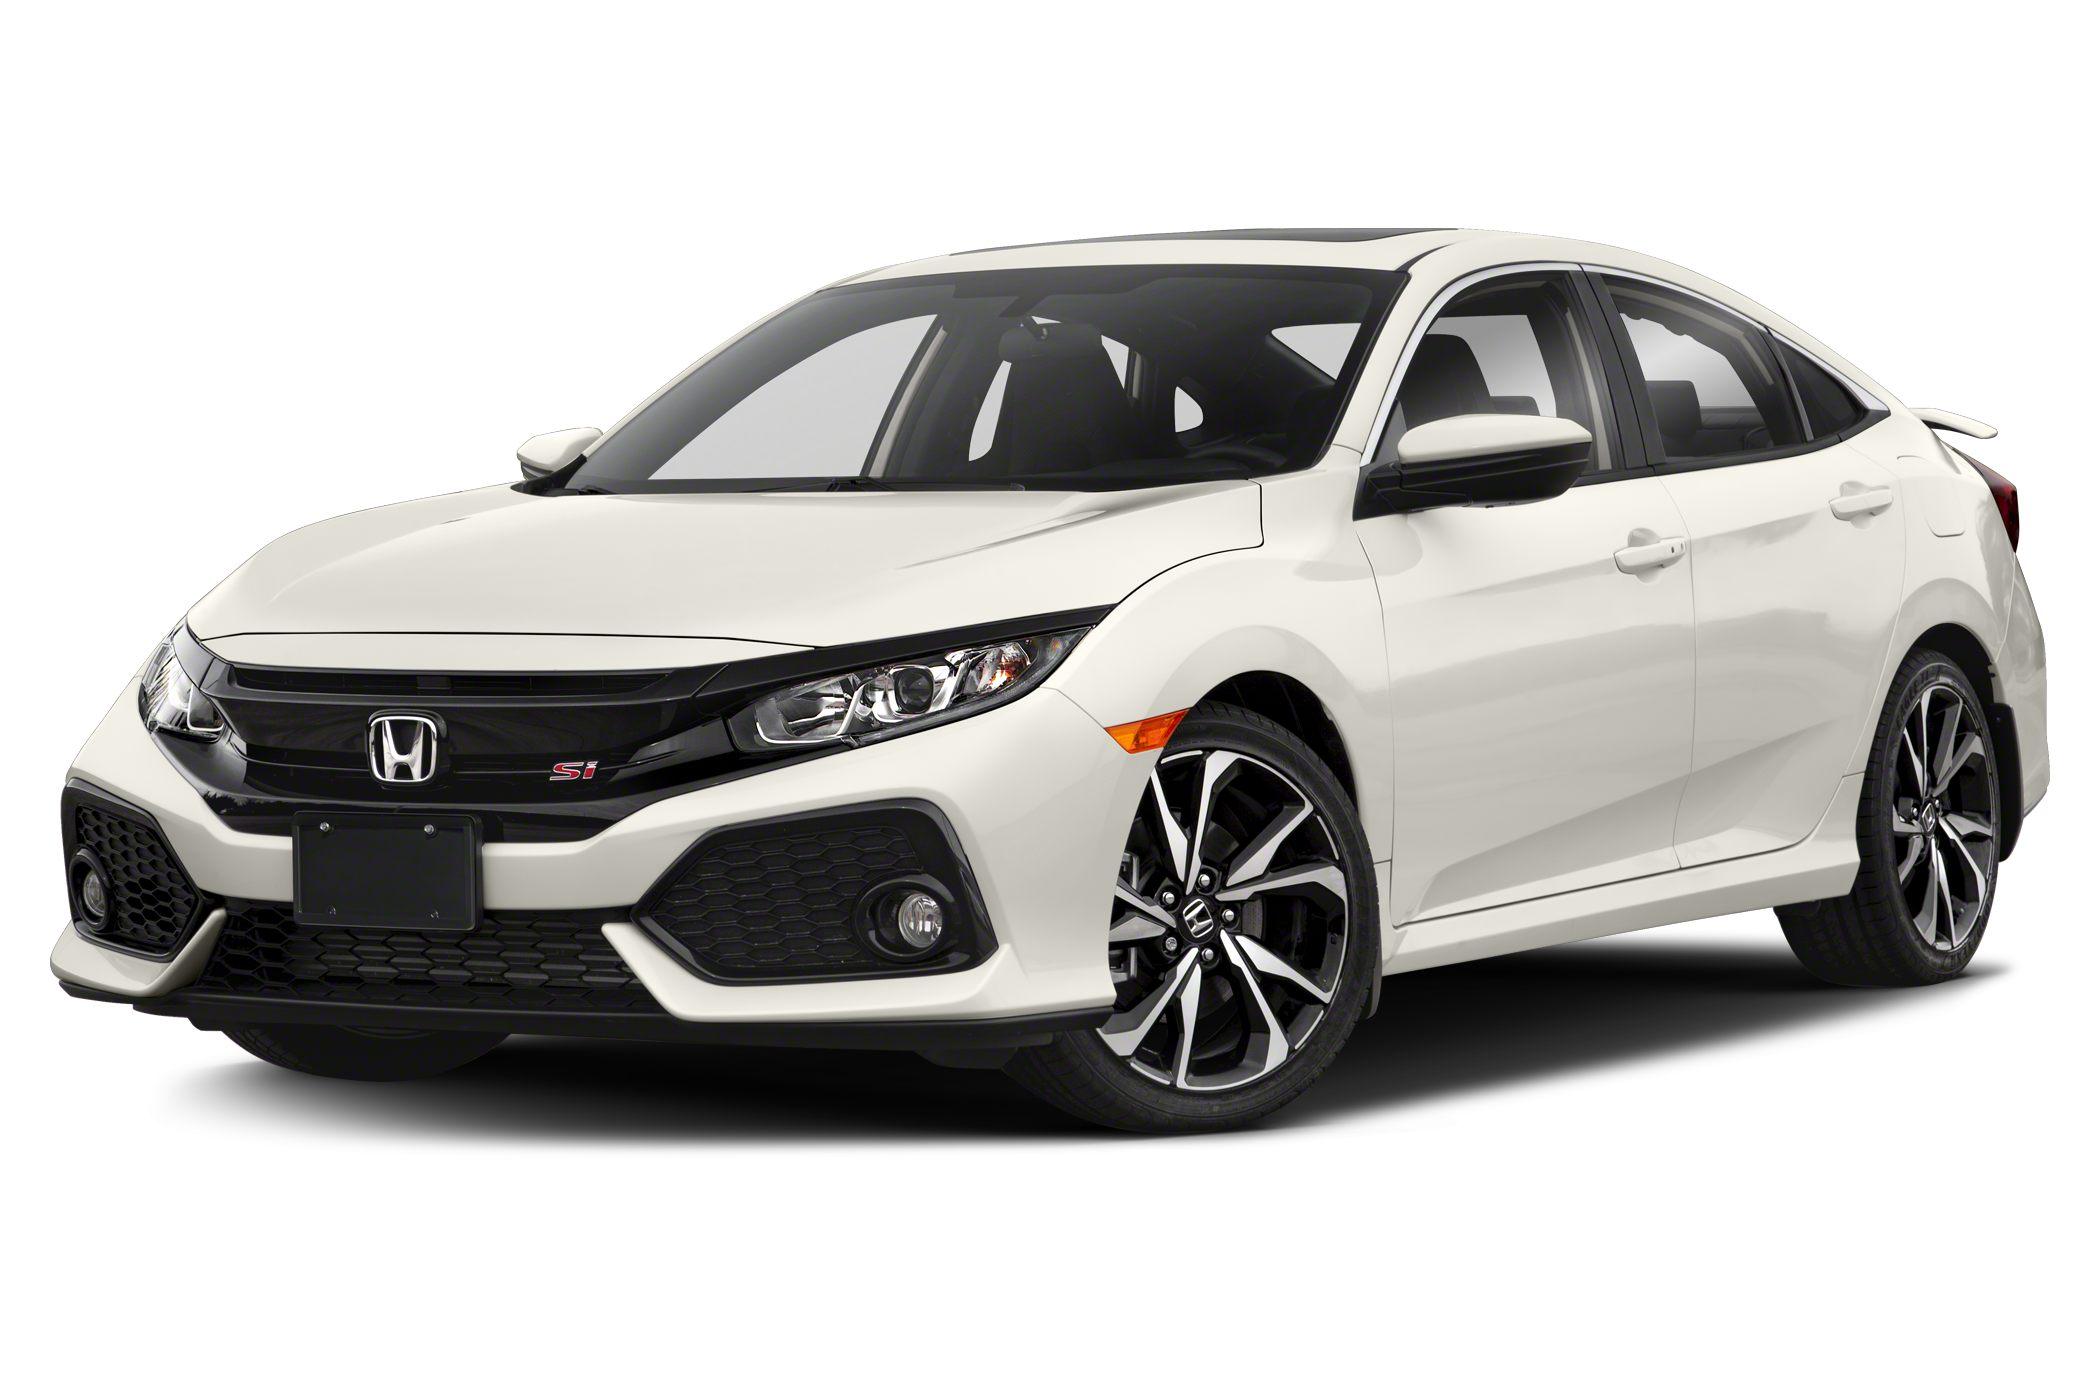 2019 Honda Civic Si Base 4dr Sedan Pricing And Options